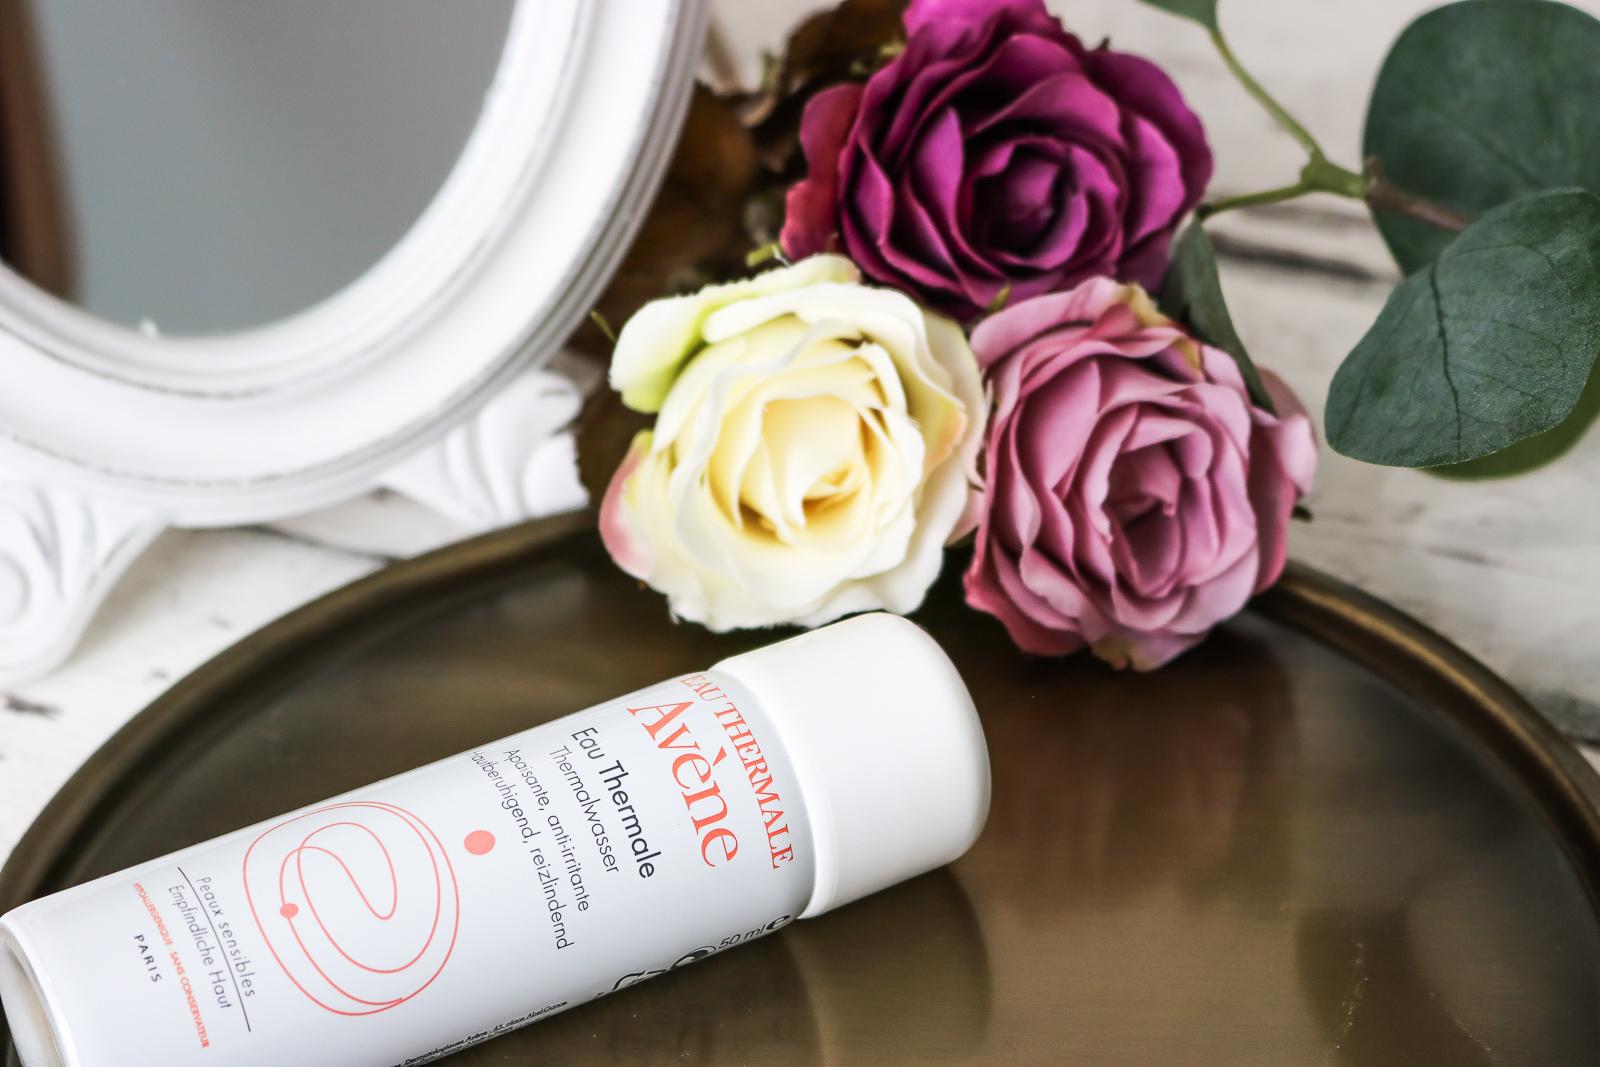 Beauty Favoriten für den Sommer - Die besten Beauty Produkte für den Sommer - Lieblings Beuaty Produkte im Sommer - Fashionladyloves by Tamara Wagner - Beauty Blog aus Österreich